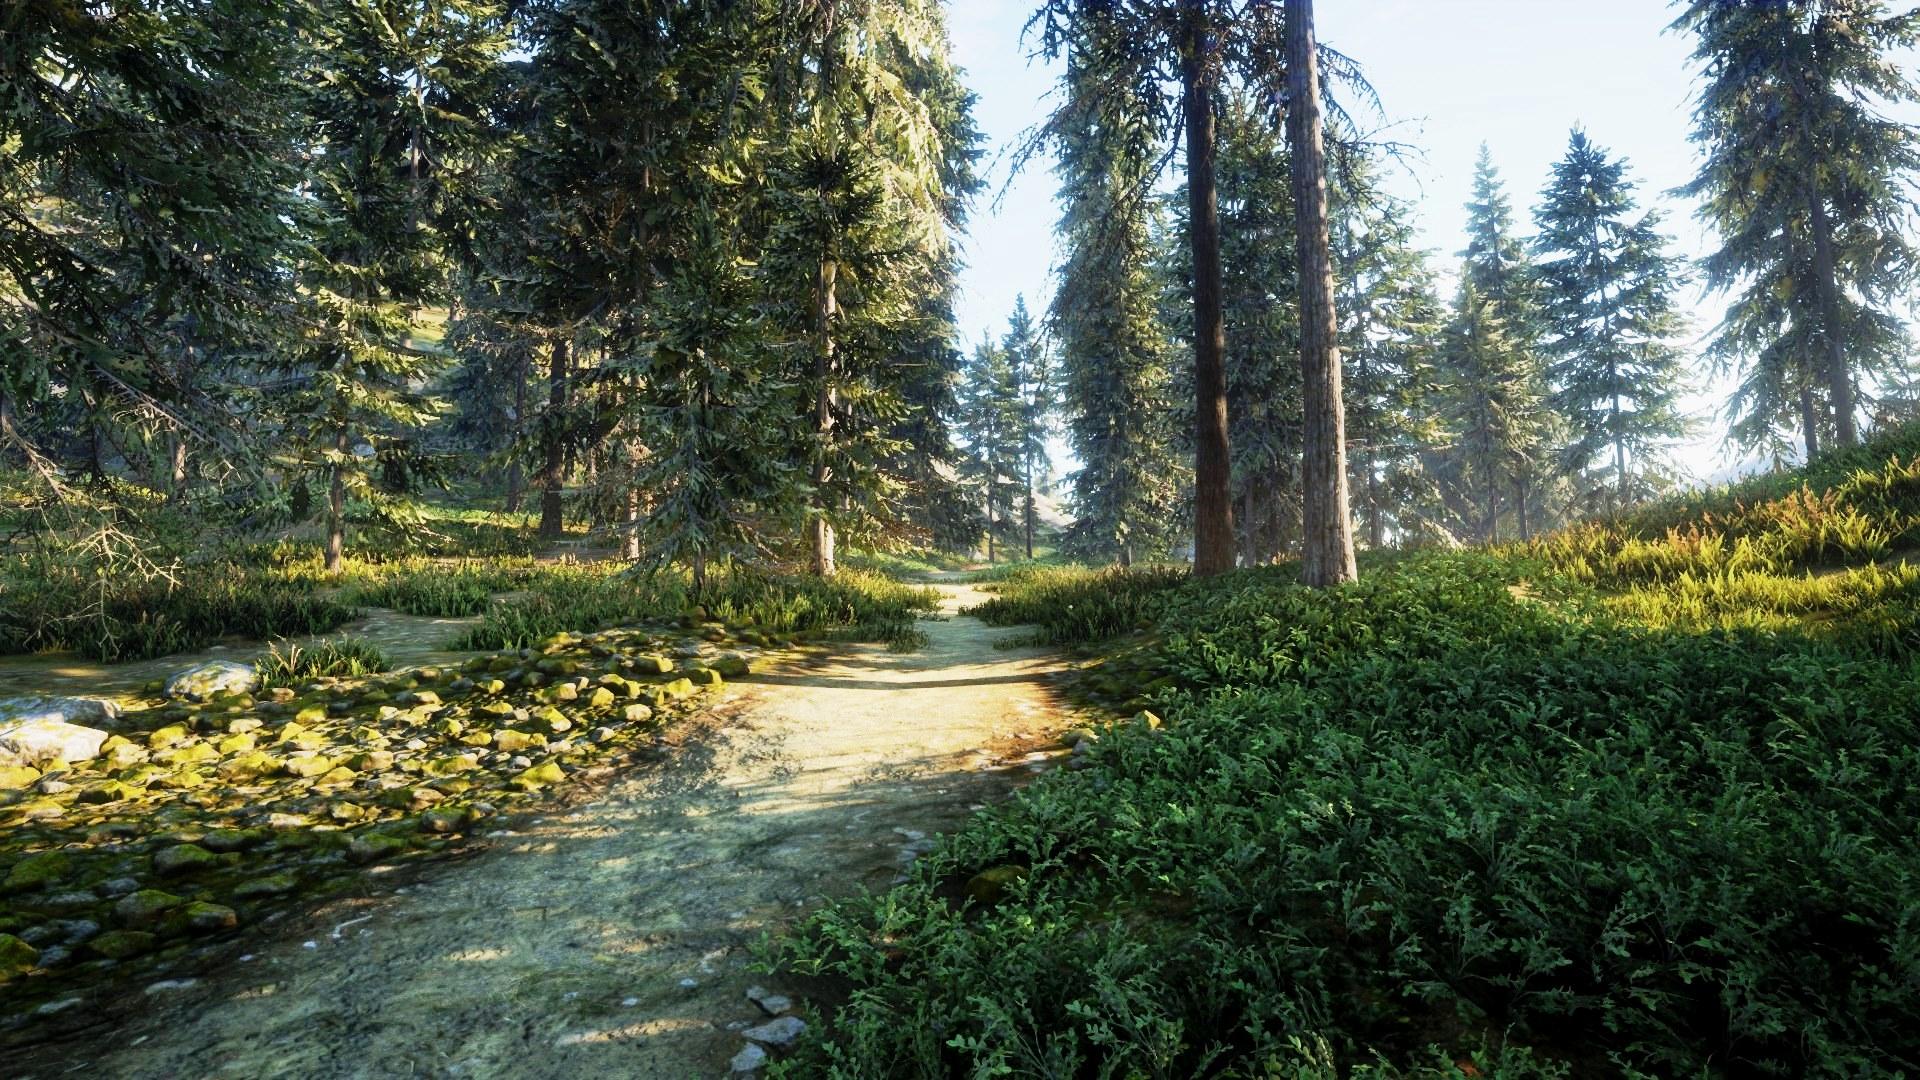 43 只属于狩猎者的风景,《猎人:野性的呼唤》高清壁纸赏